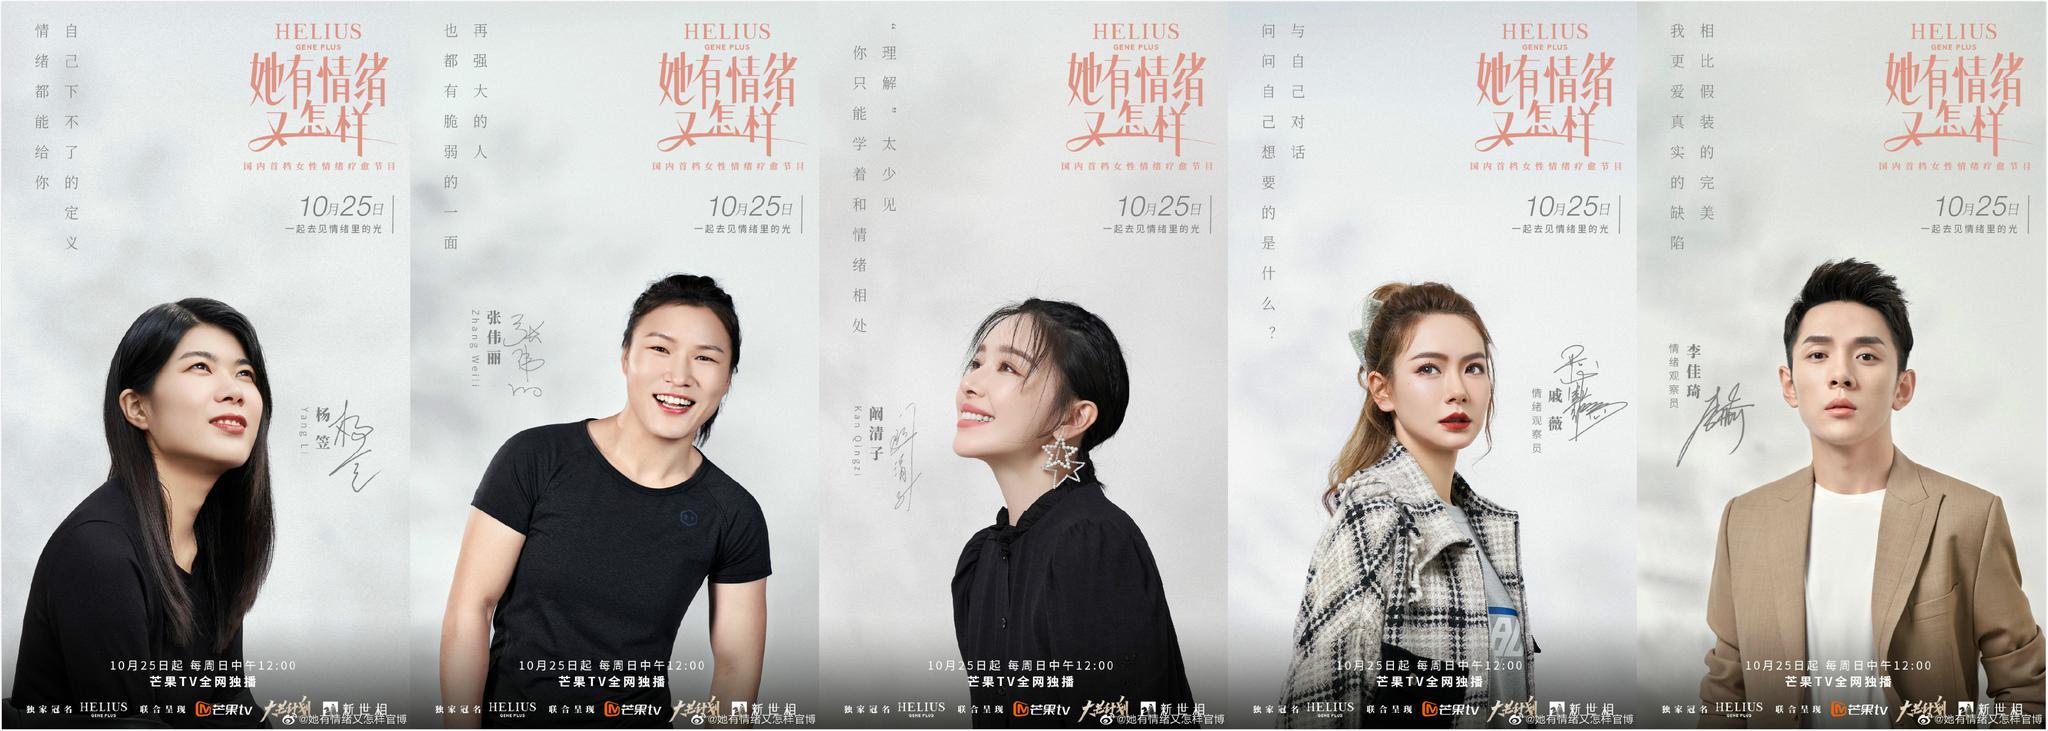 李佳琦首次常驻综艺,《她有情绪又怎样》10月25日上线图片